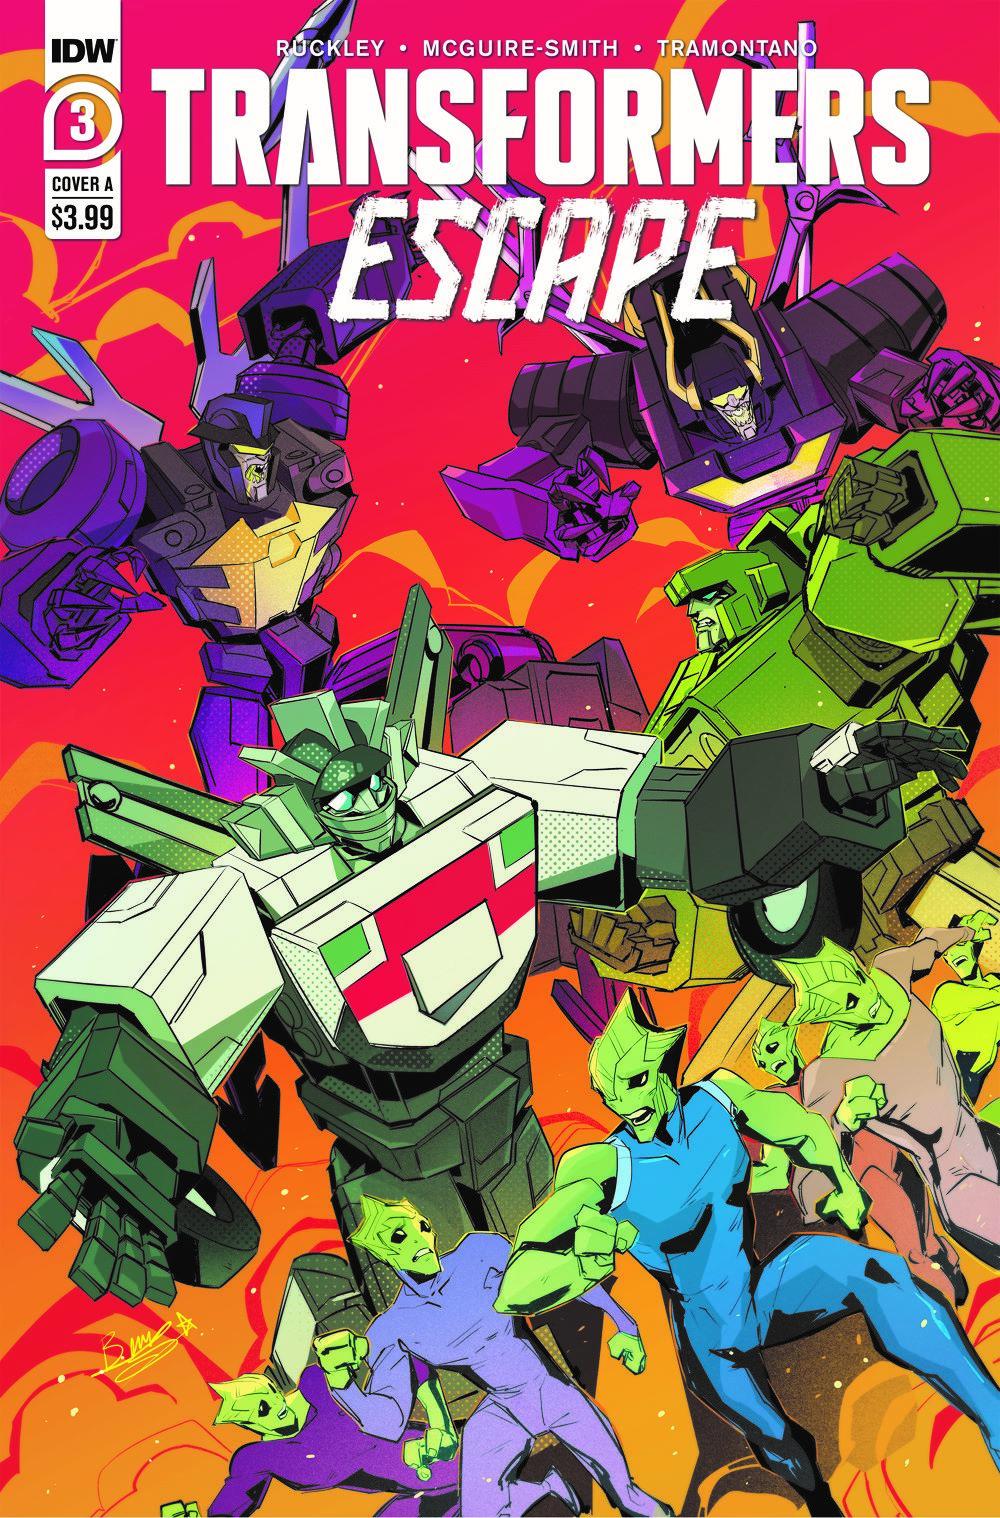 TFEscape03-Cover-A ComicList Previews: TRANSFORMERS ESCAPE #3 (OF 5)